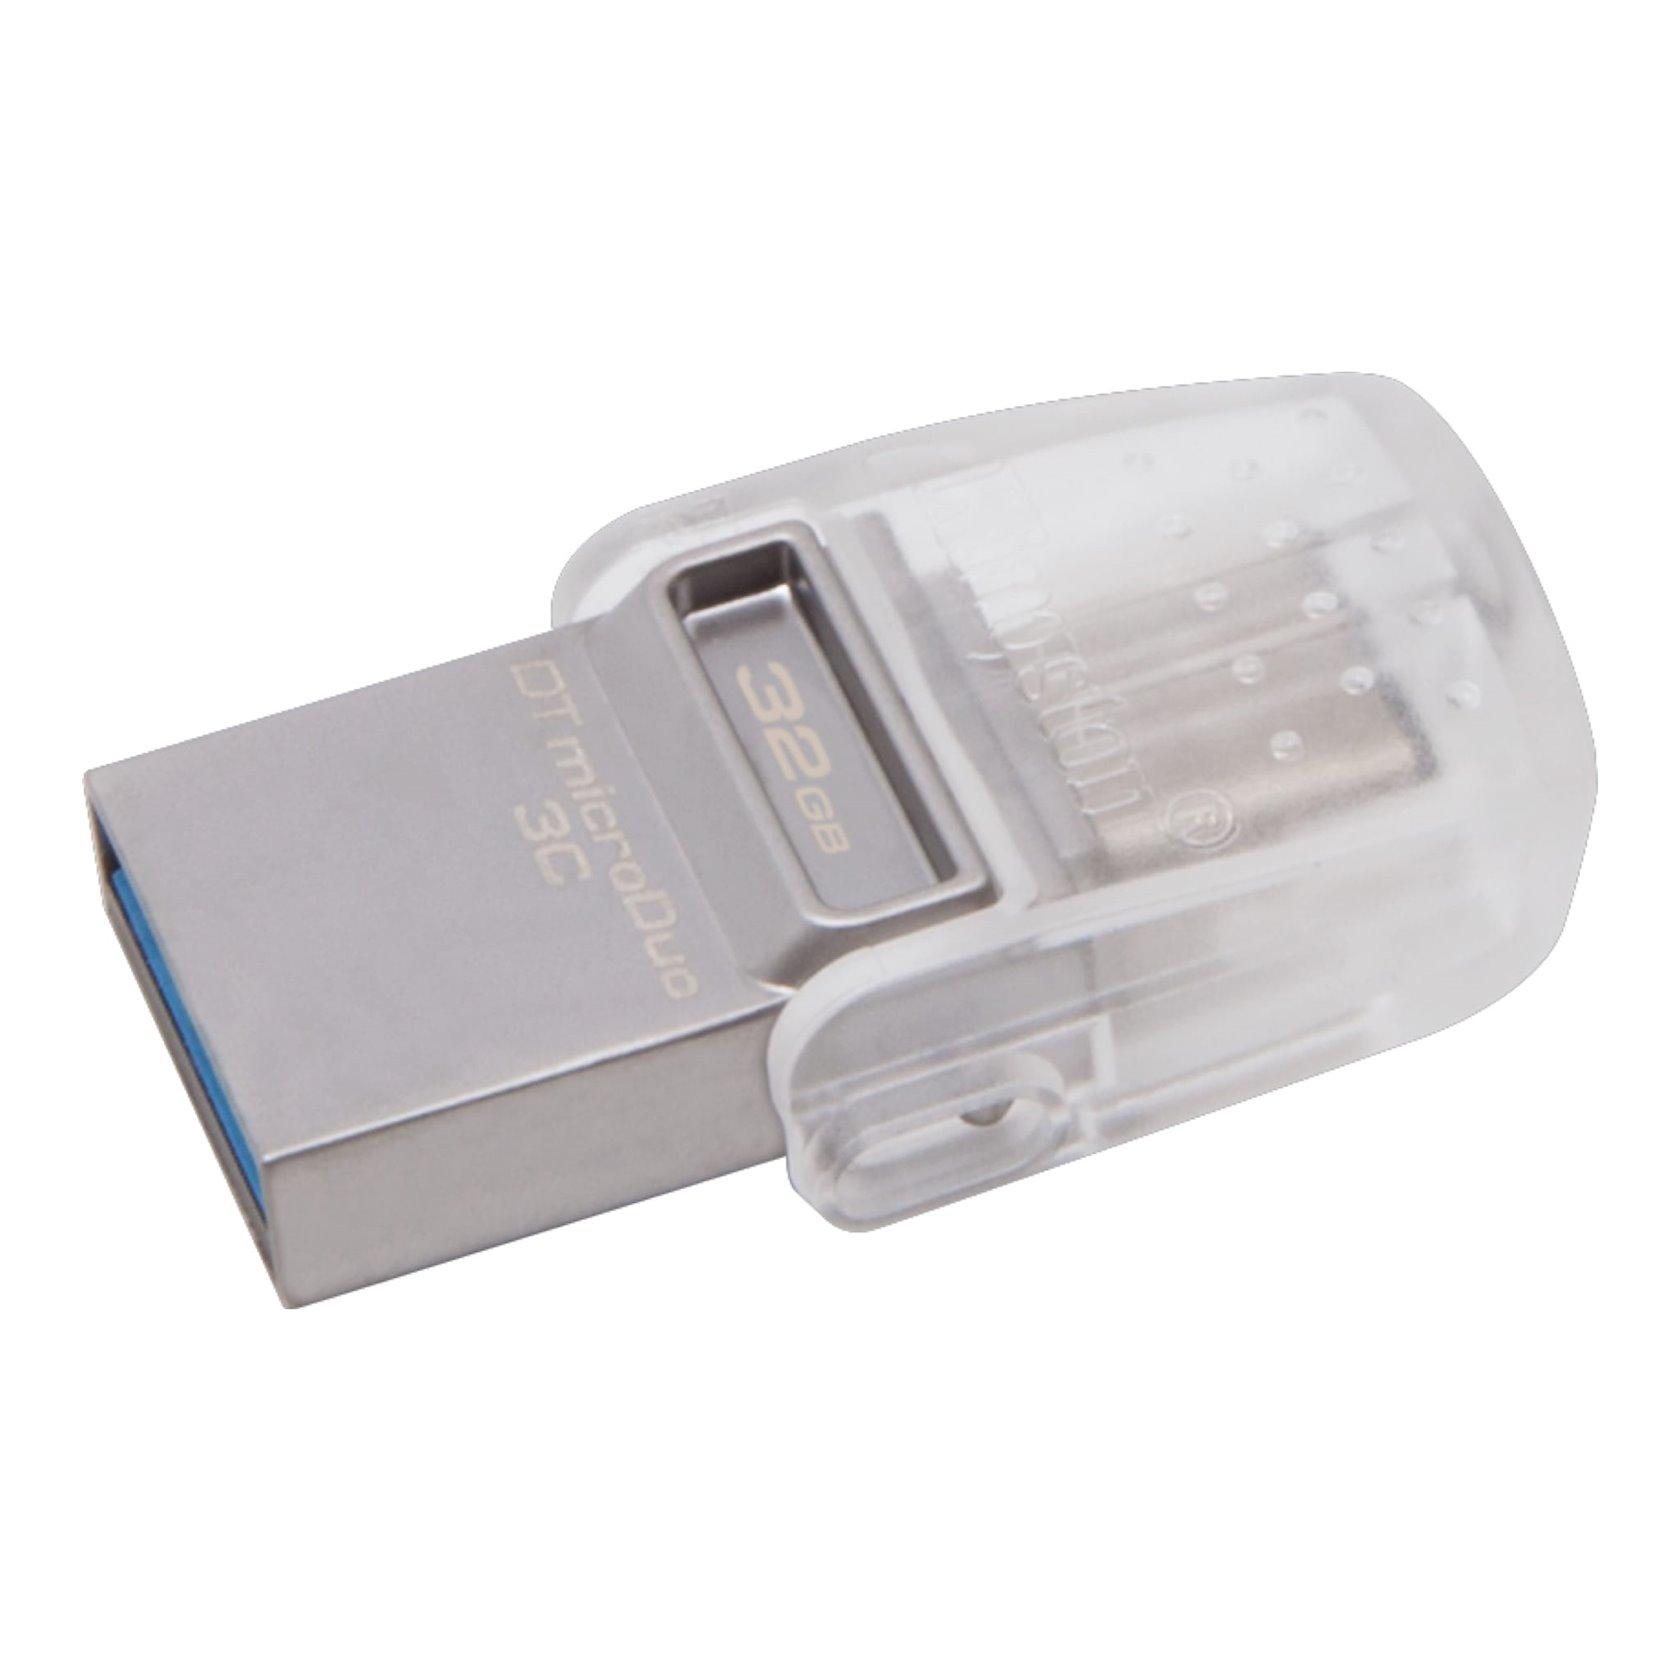 Flash yaddaş Kingston 32GB DT microDuo 3C, USB 3.0/3.1